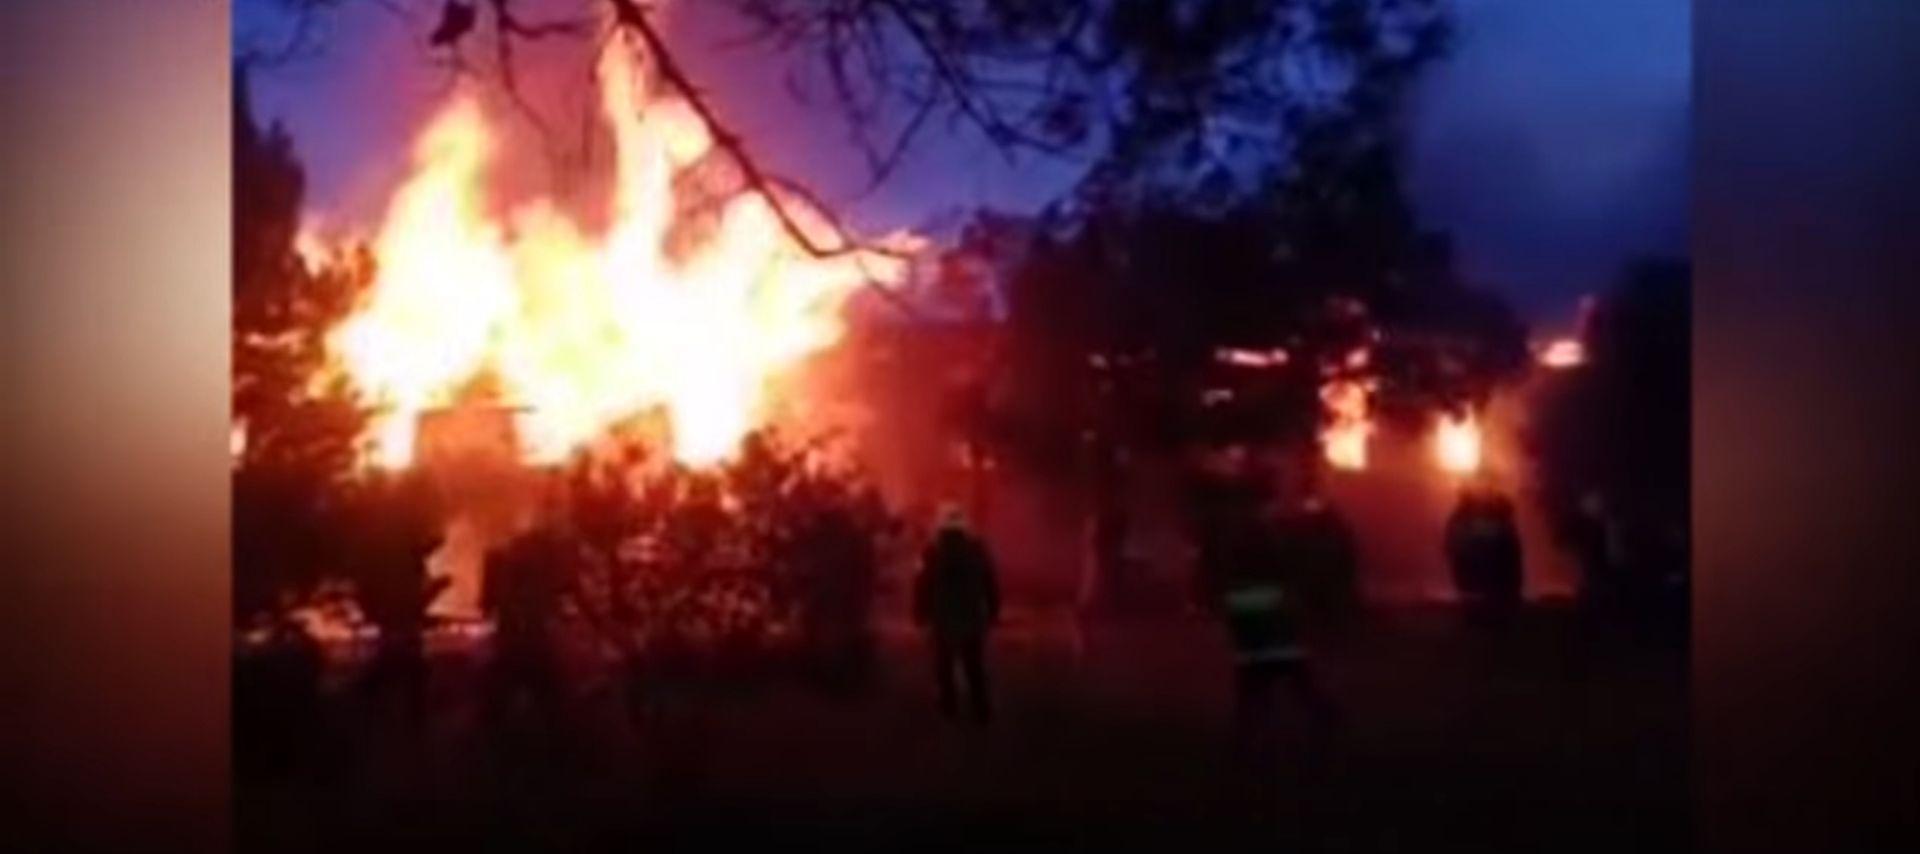 Veliki požar u klinici za rehabilitaciju u Bakuu, najmanje 25 mrtvih